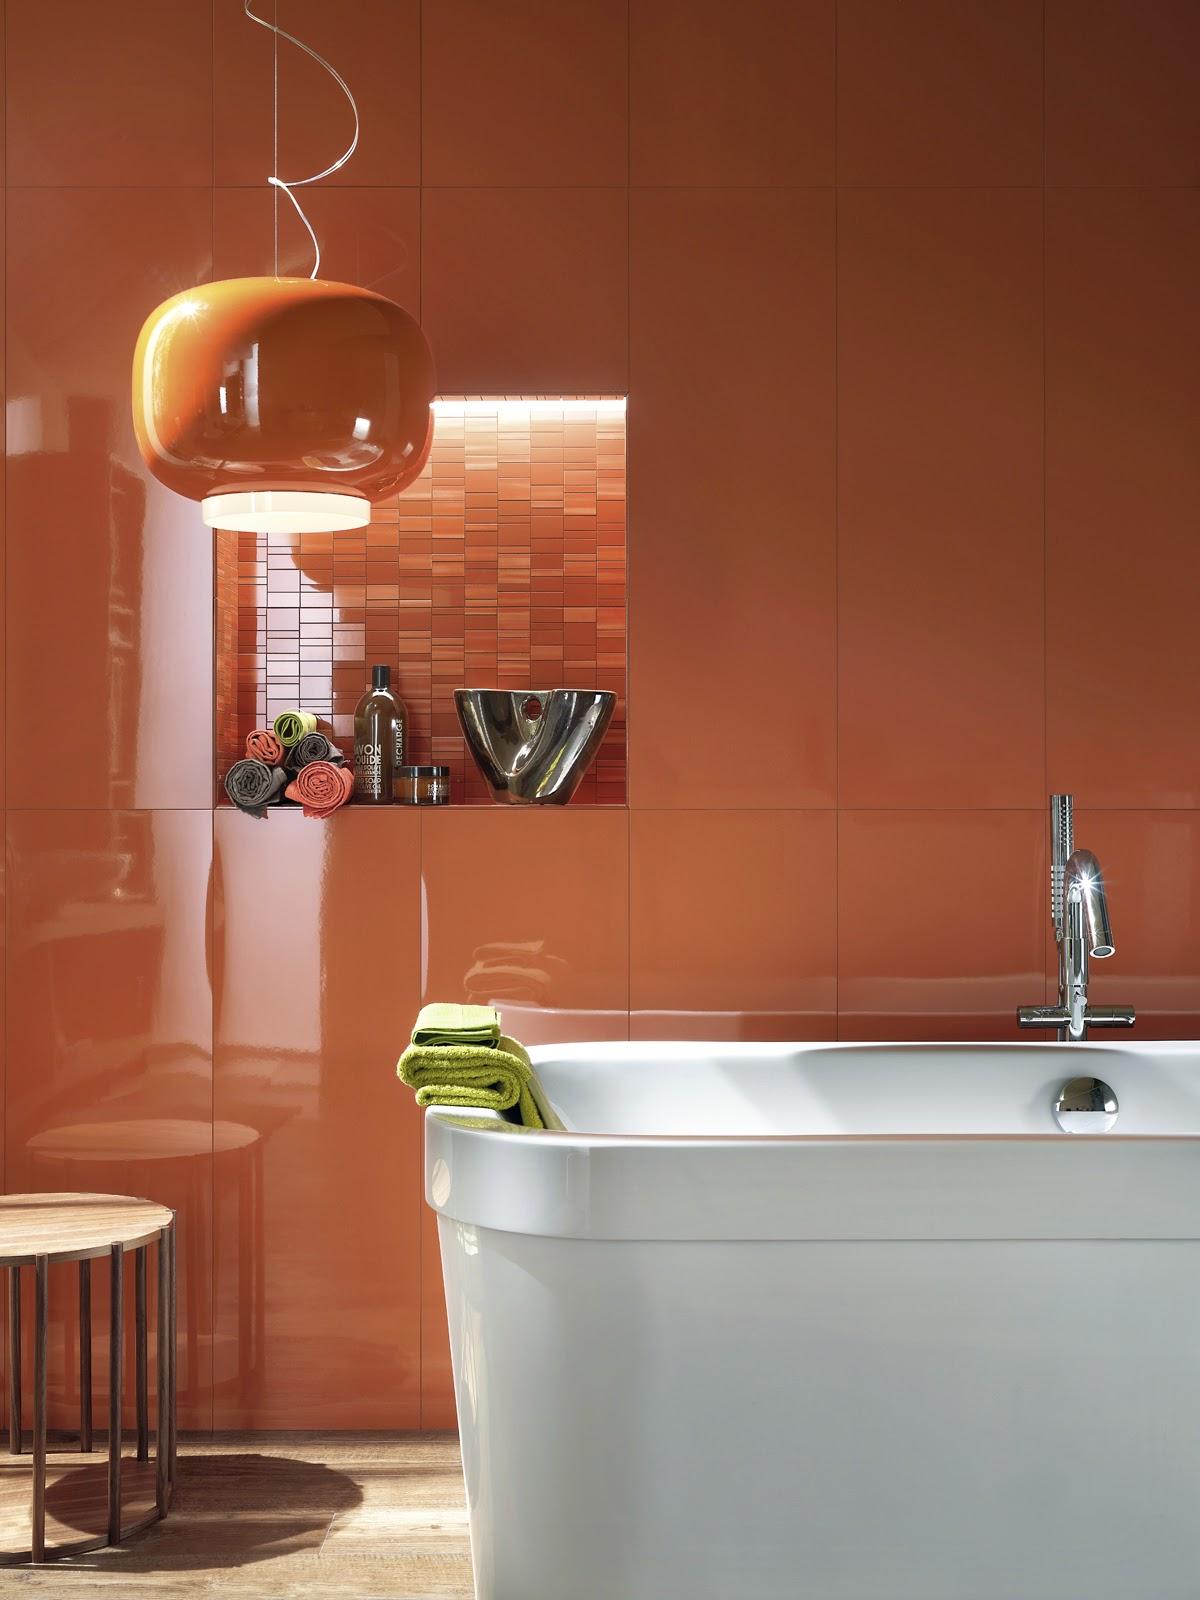 4bildcasa scegliere le piastrelle del bagno il colore parte prima - Colore piastrelle bagno ...